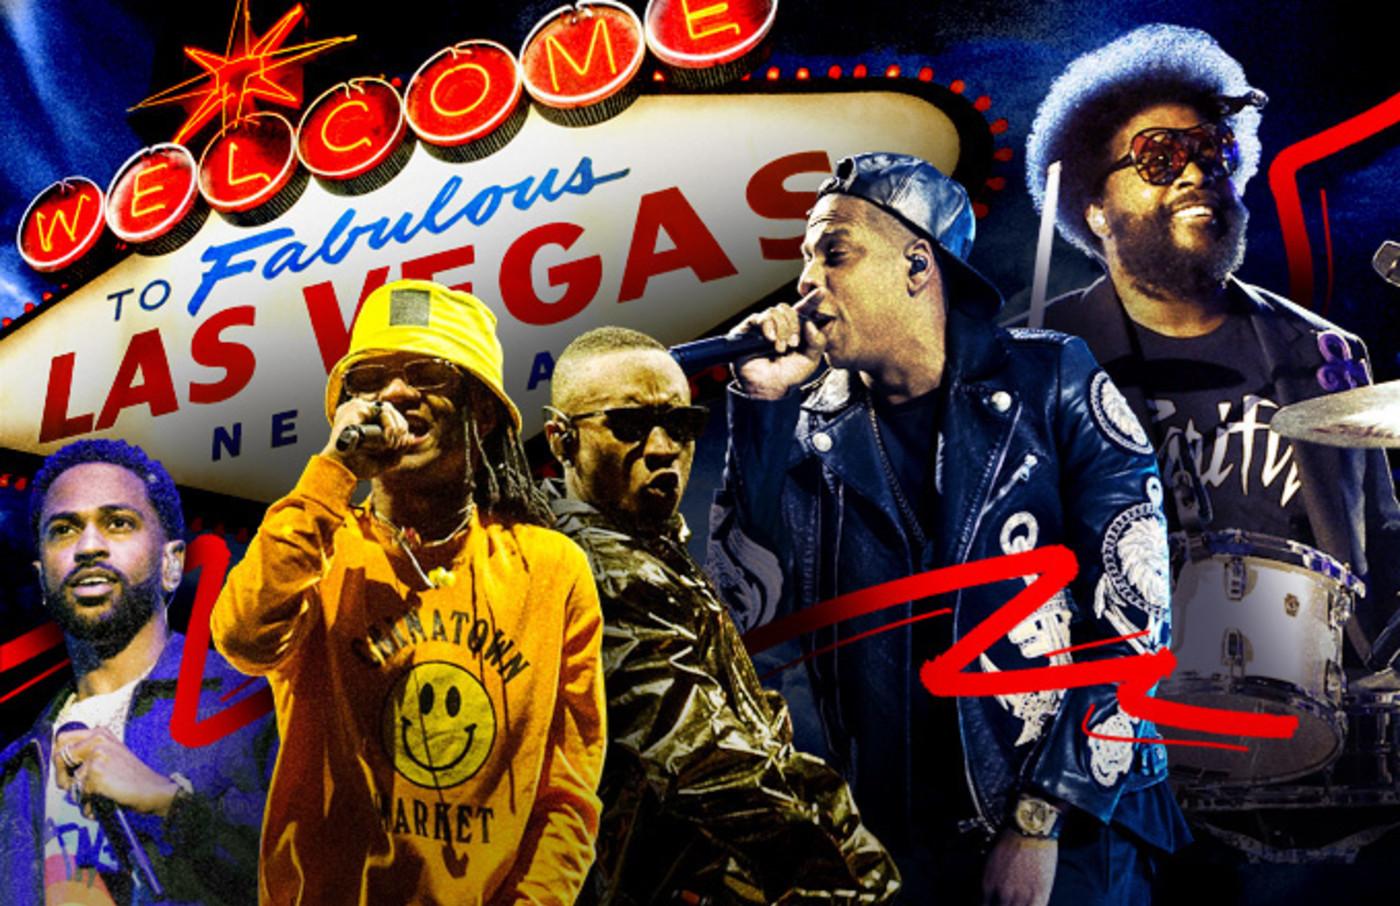 lvcva-rappers-lead-image